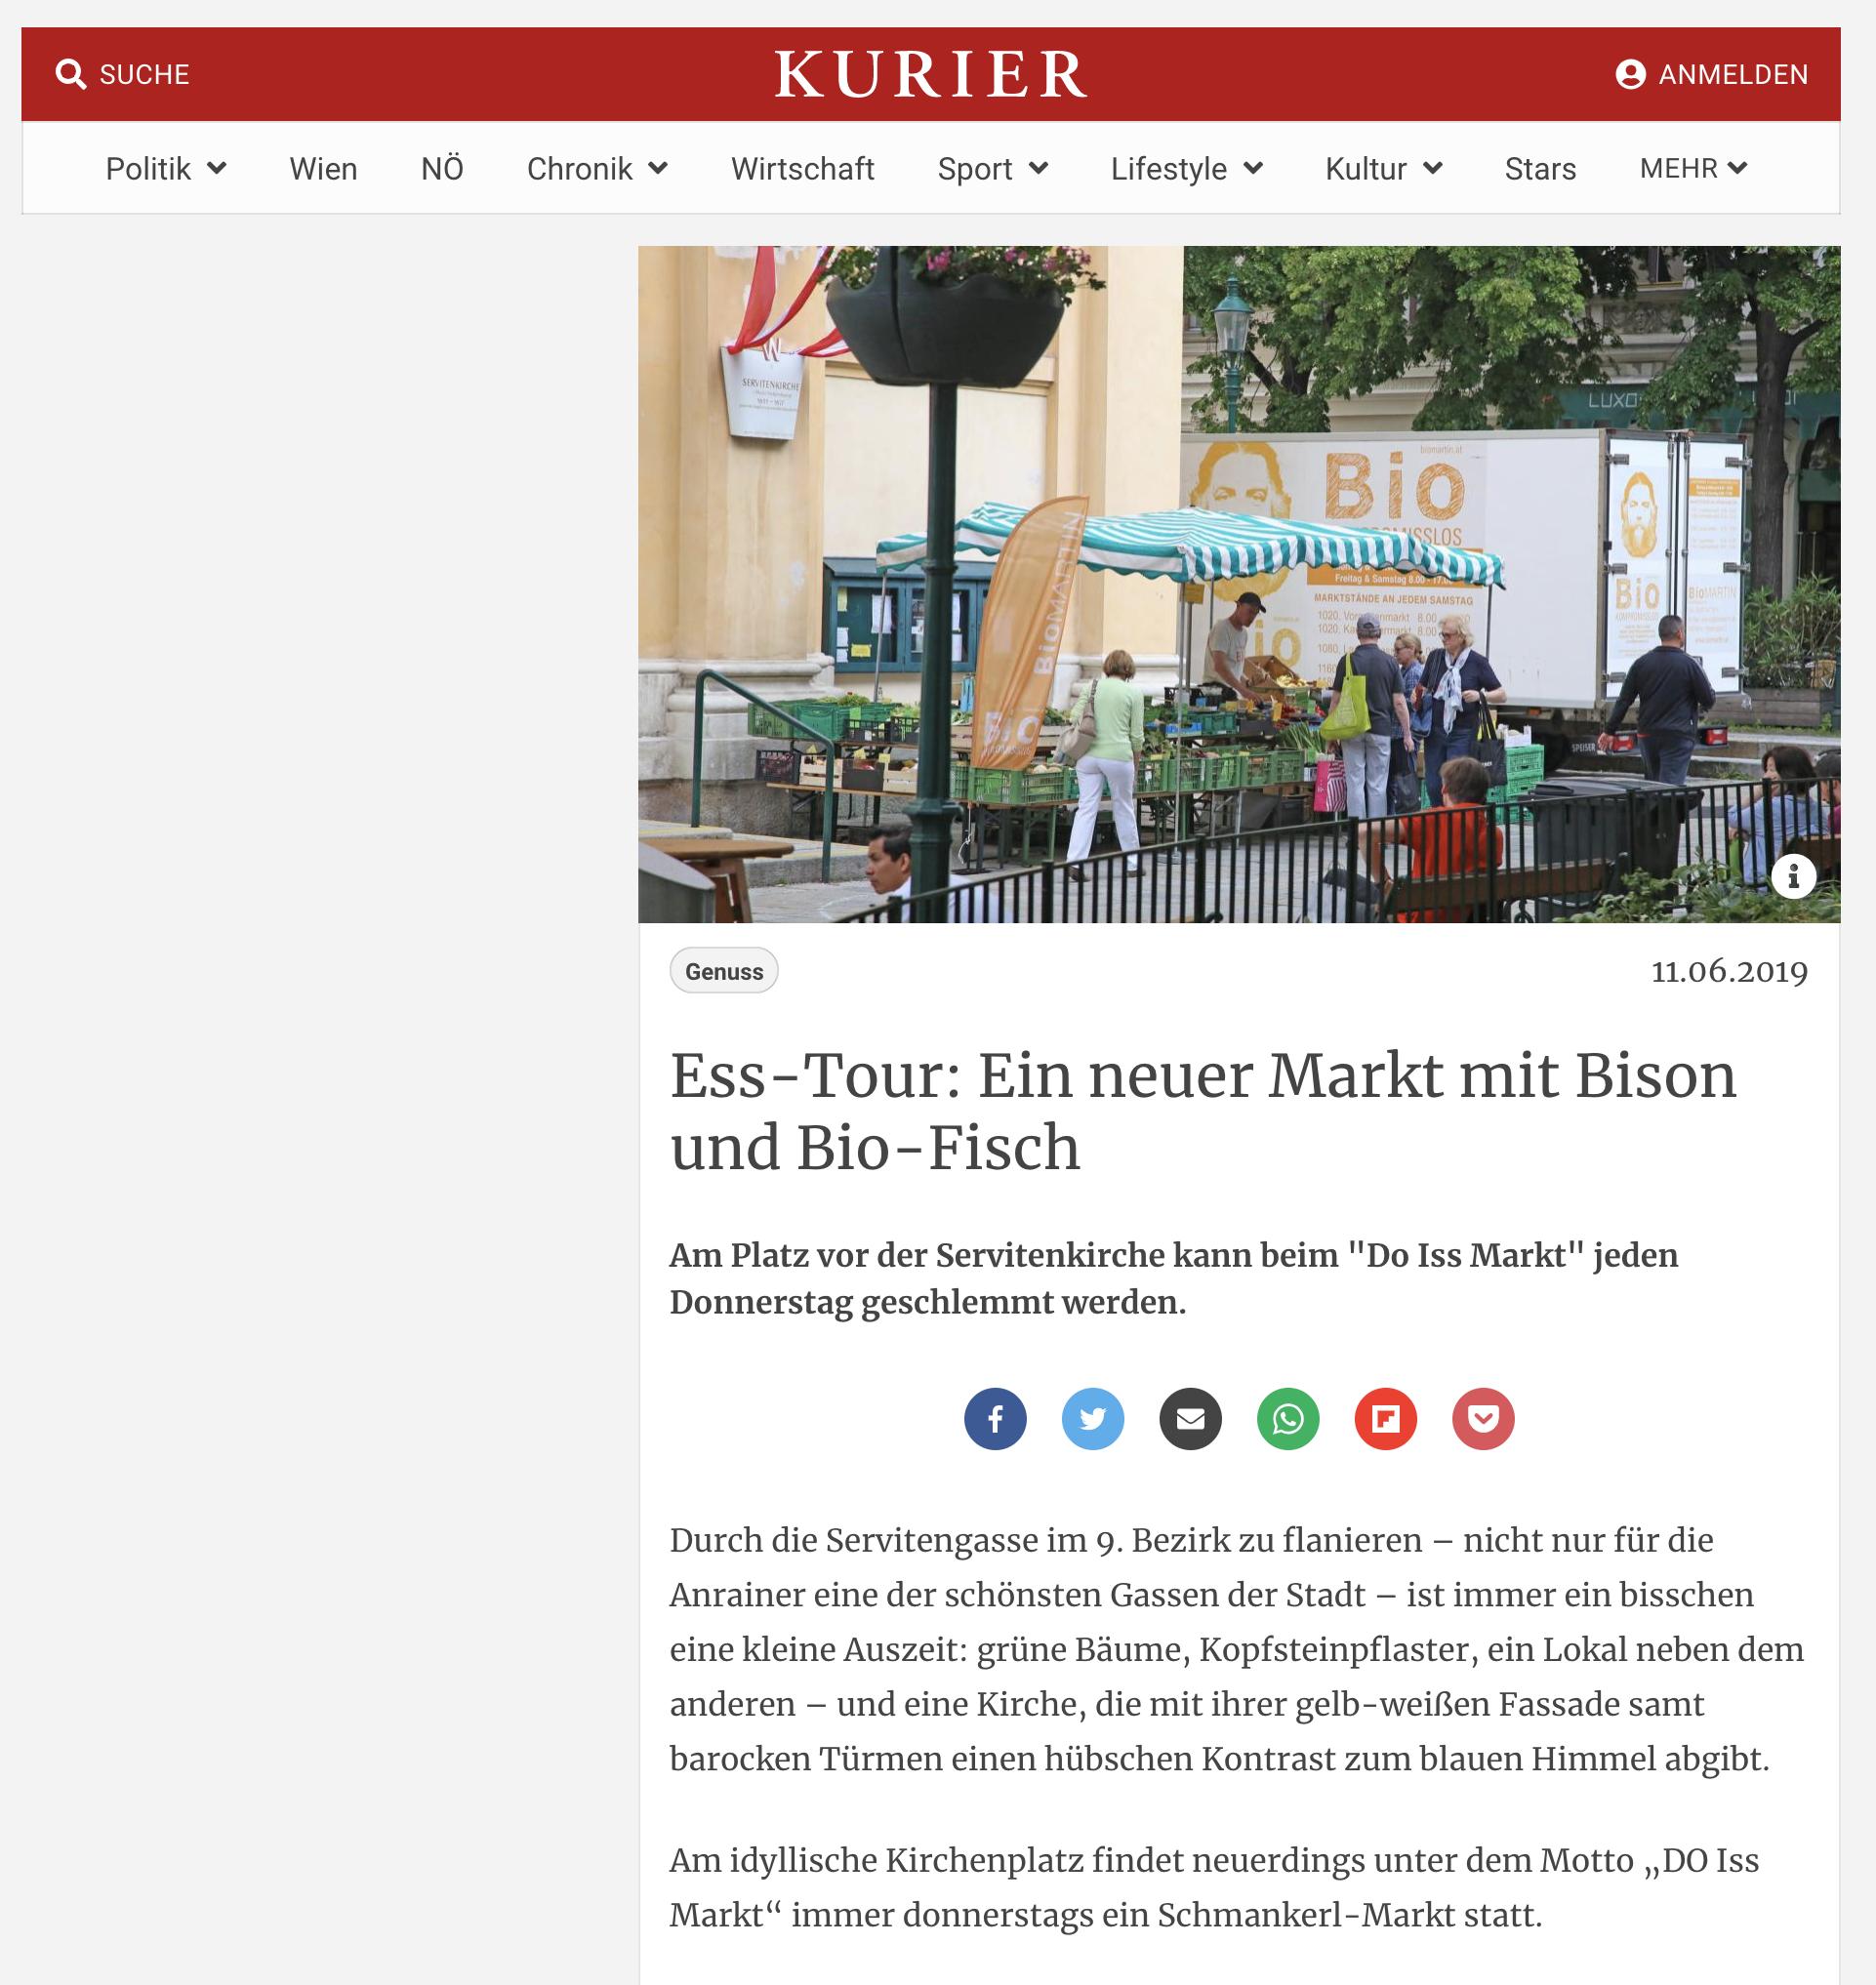 Ess-Tour: Ein neuer Markt mit Bison und Bio-Fisch